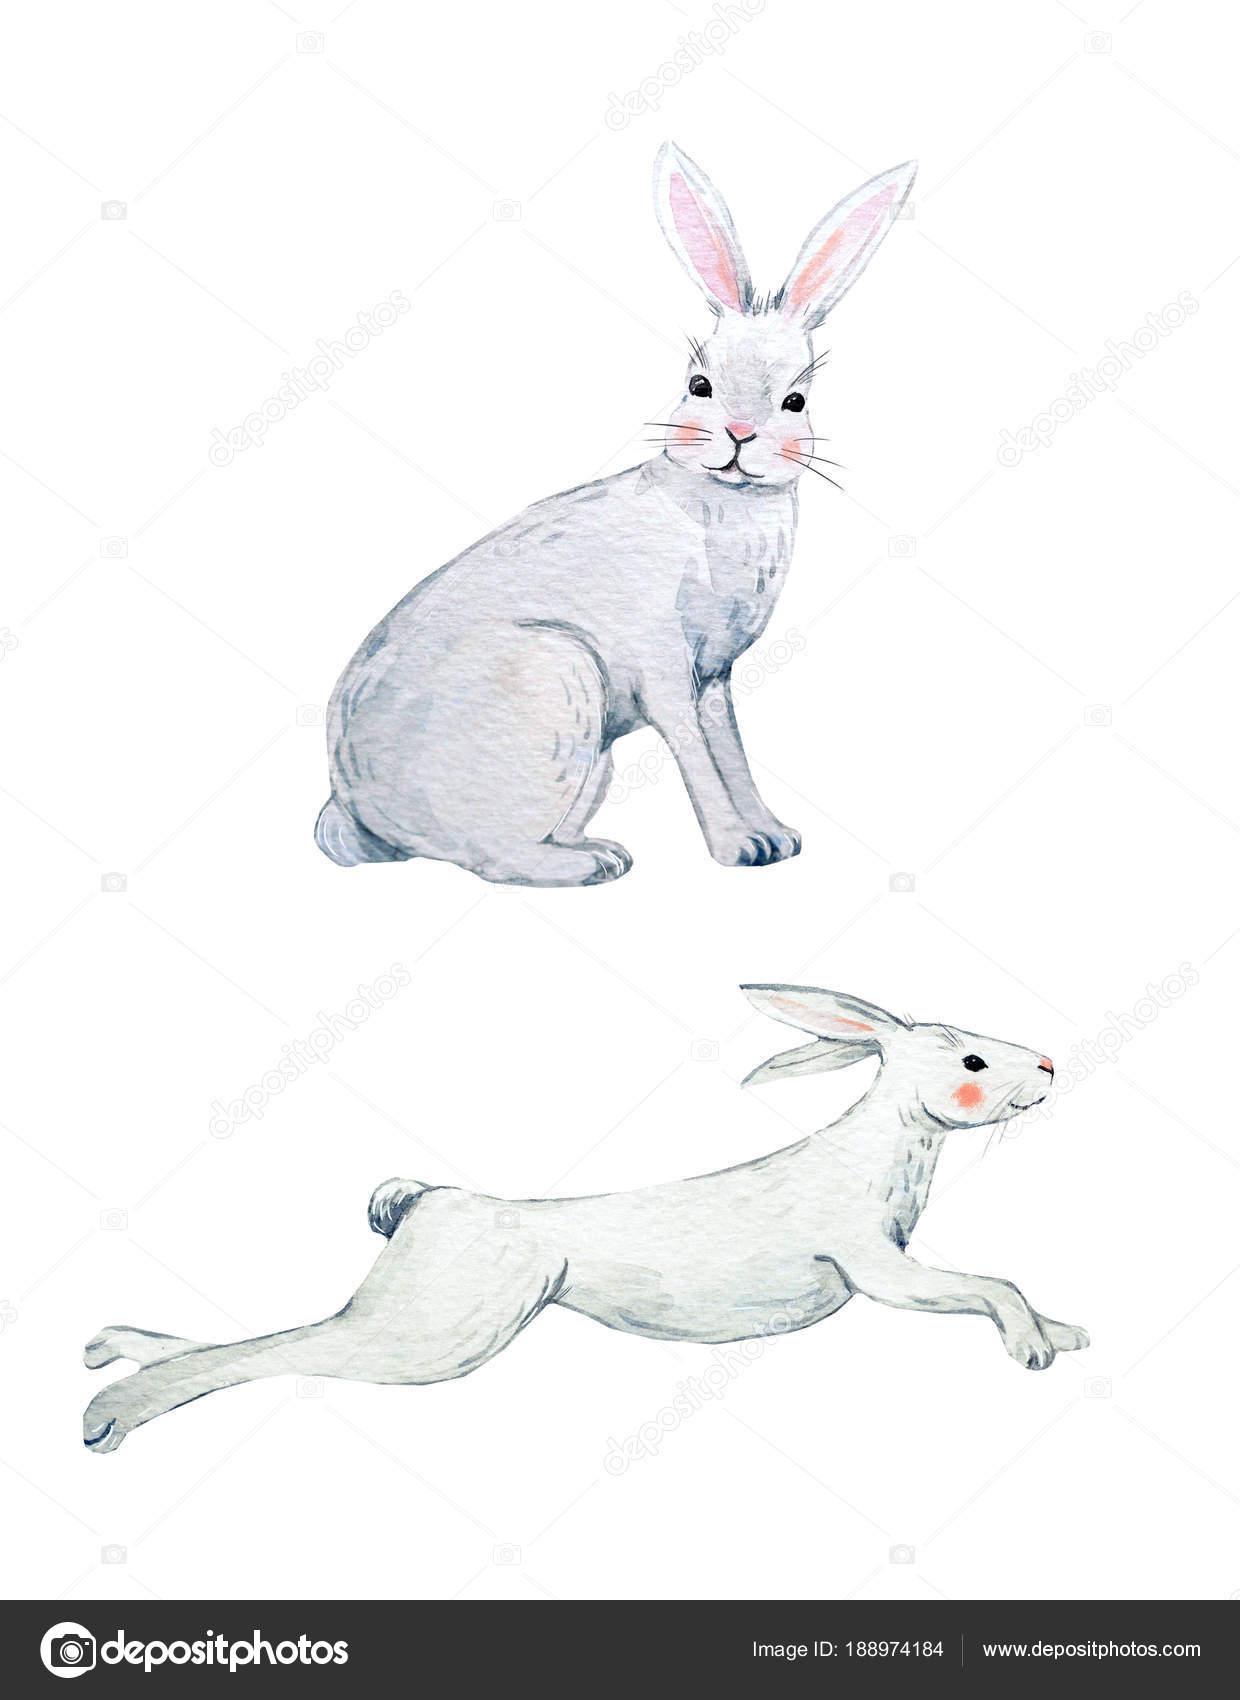 Großzügig Kaninchen Muskelanatomie Bilder - Menschliche Anatomie ...